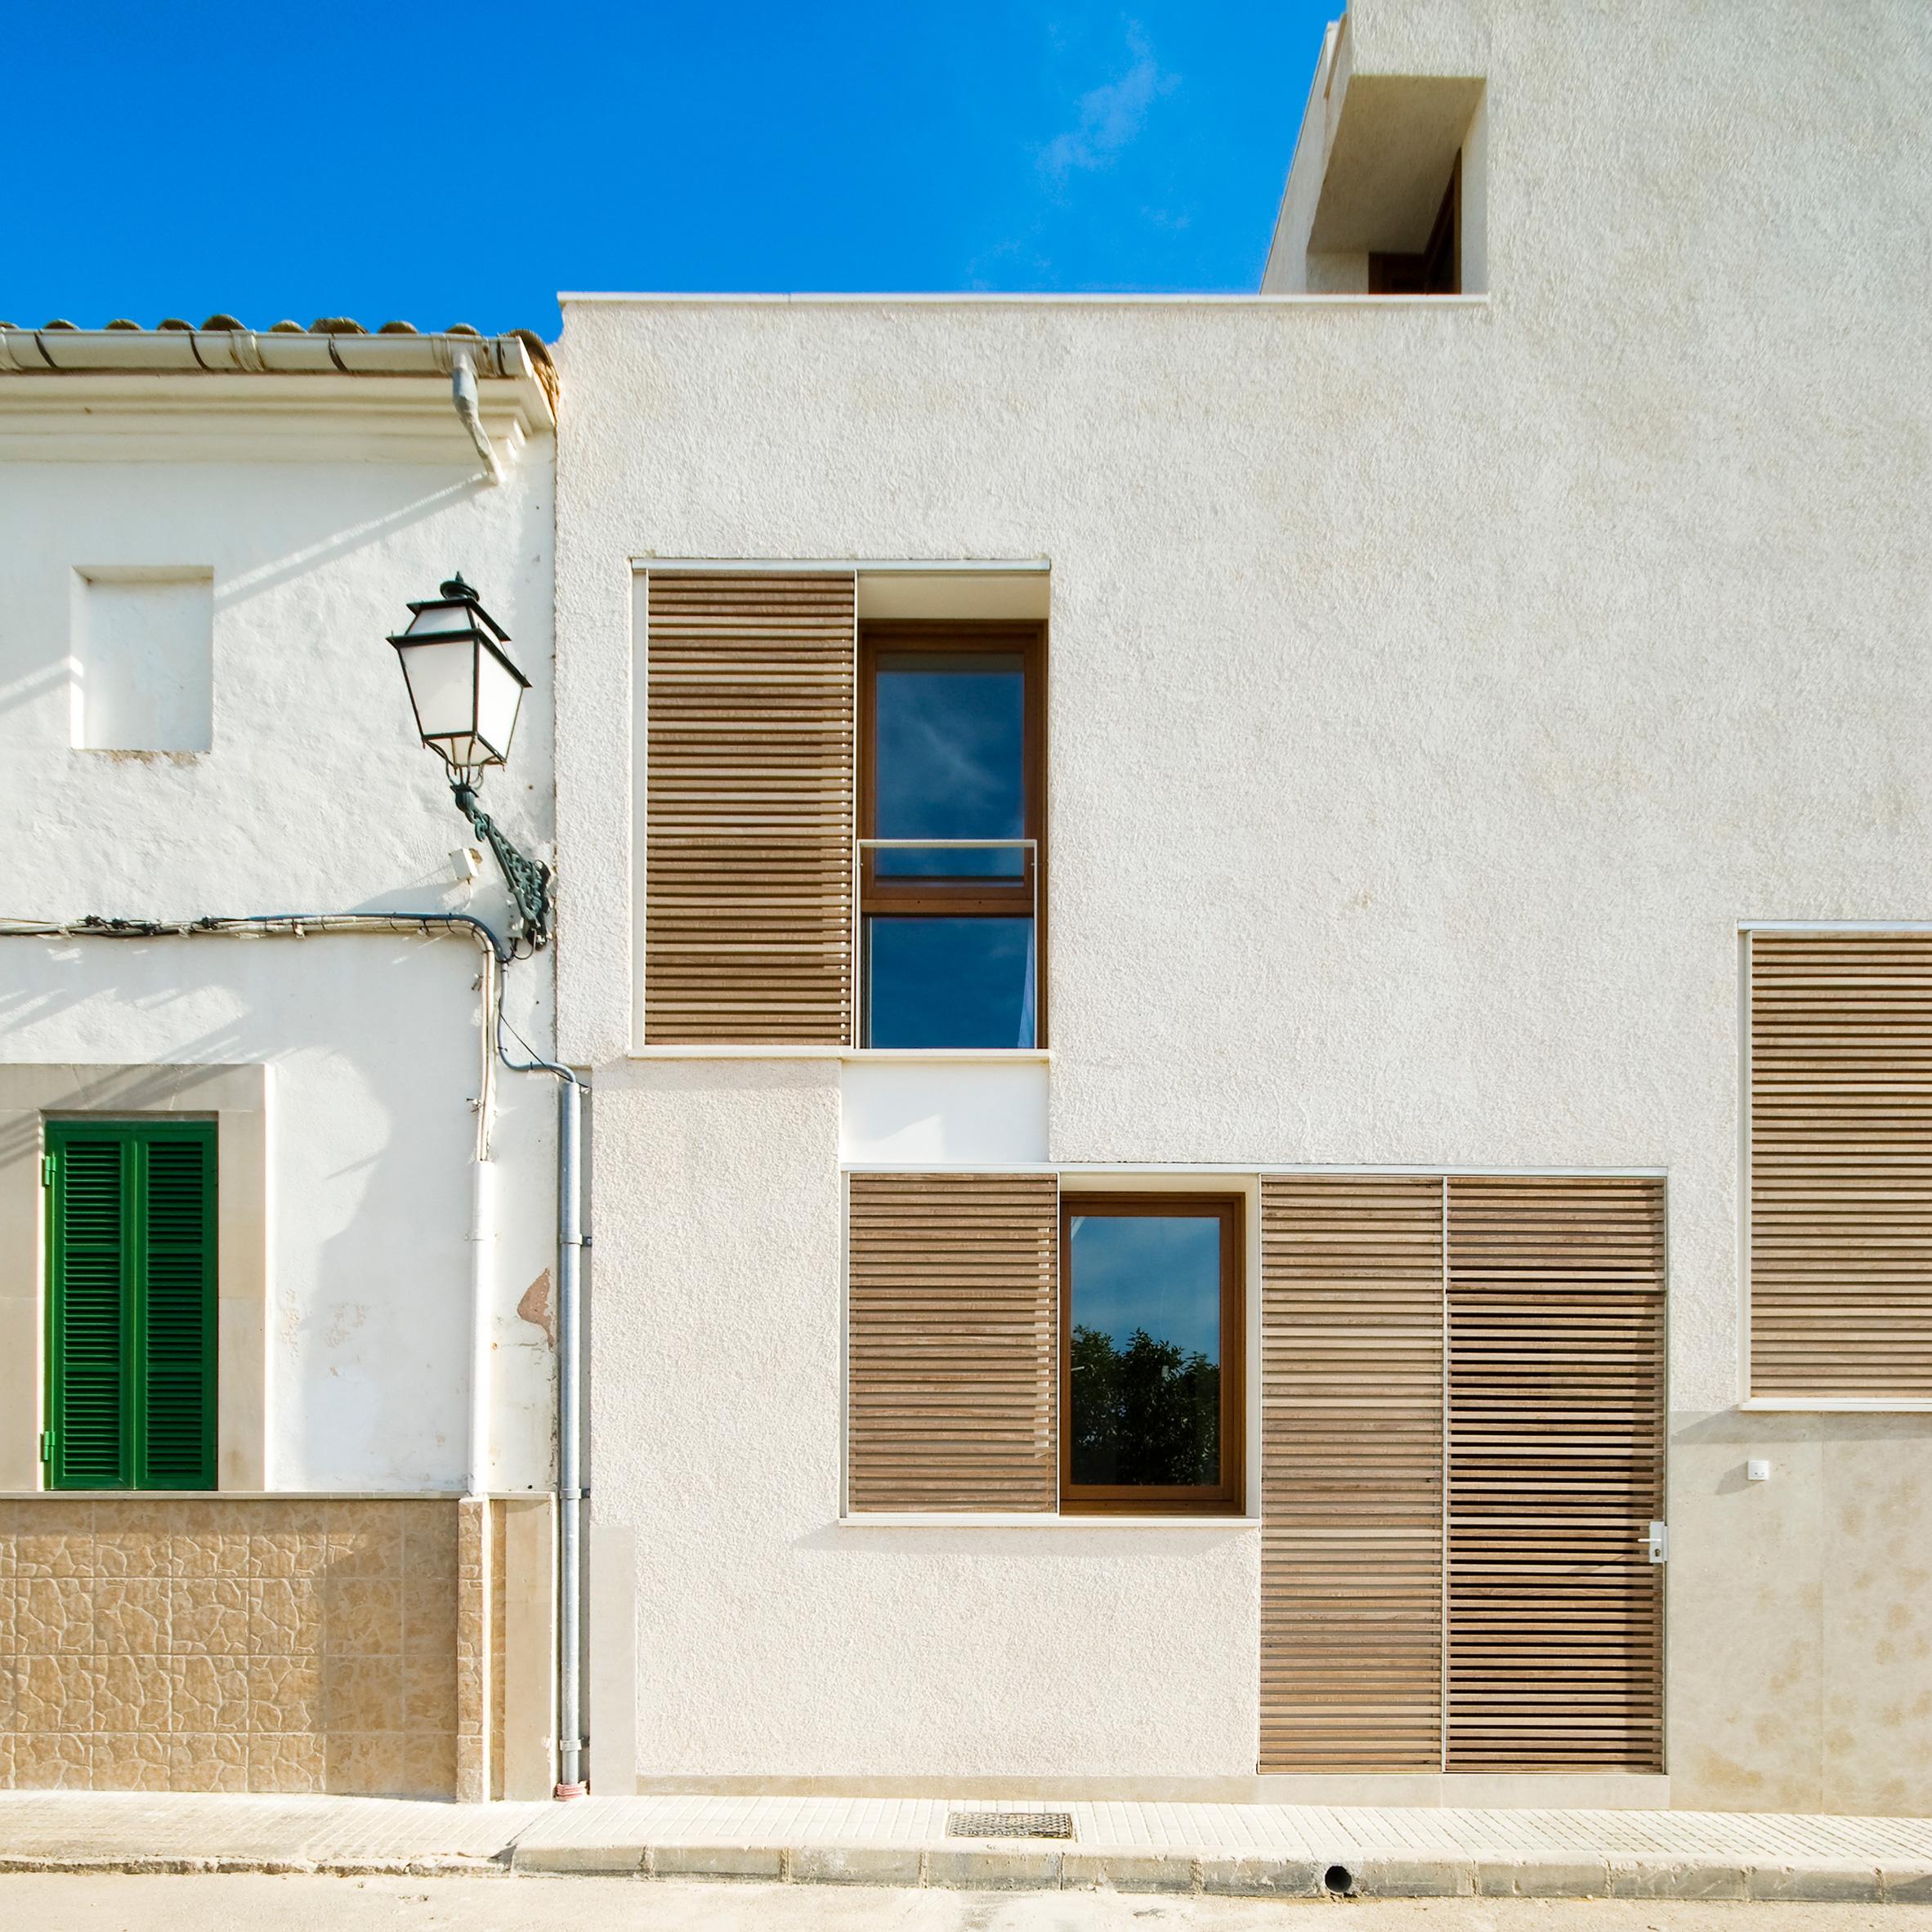 Ferriol House by RipollTizon, Mallorca, Spain